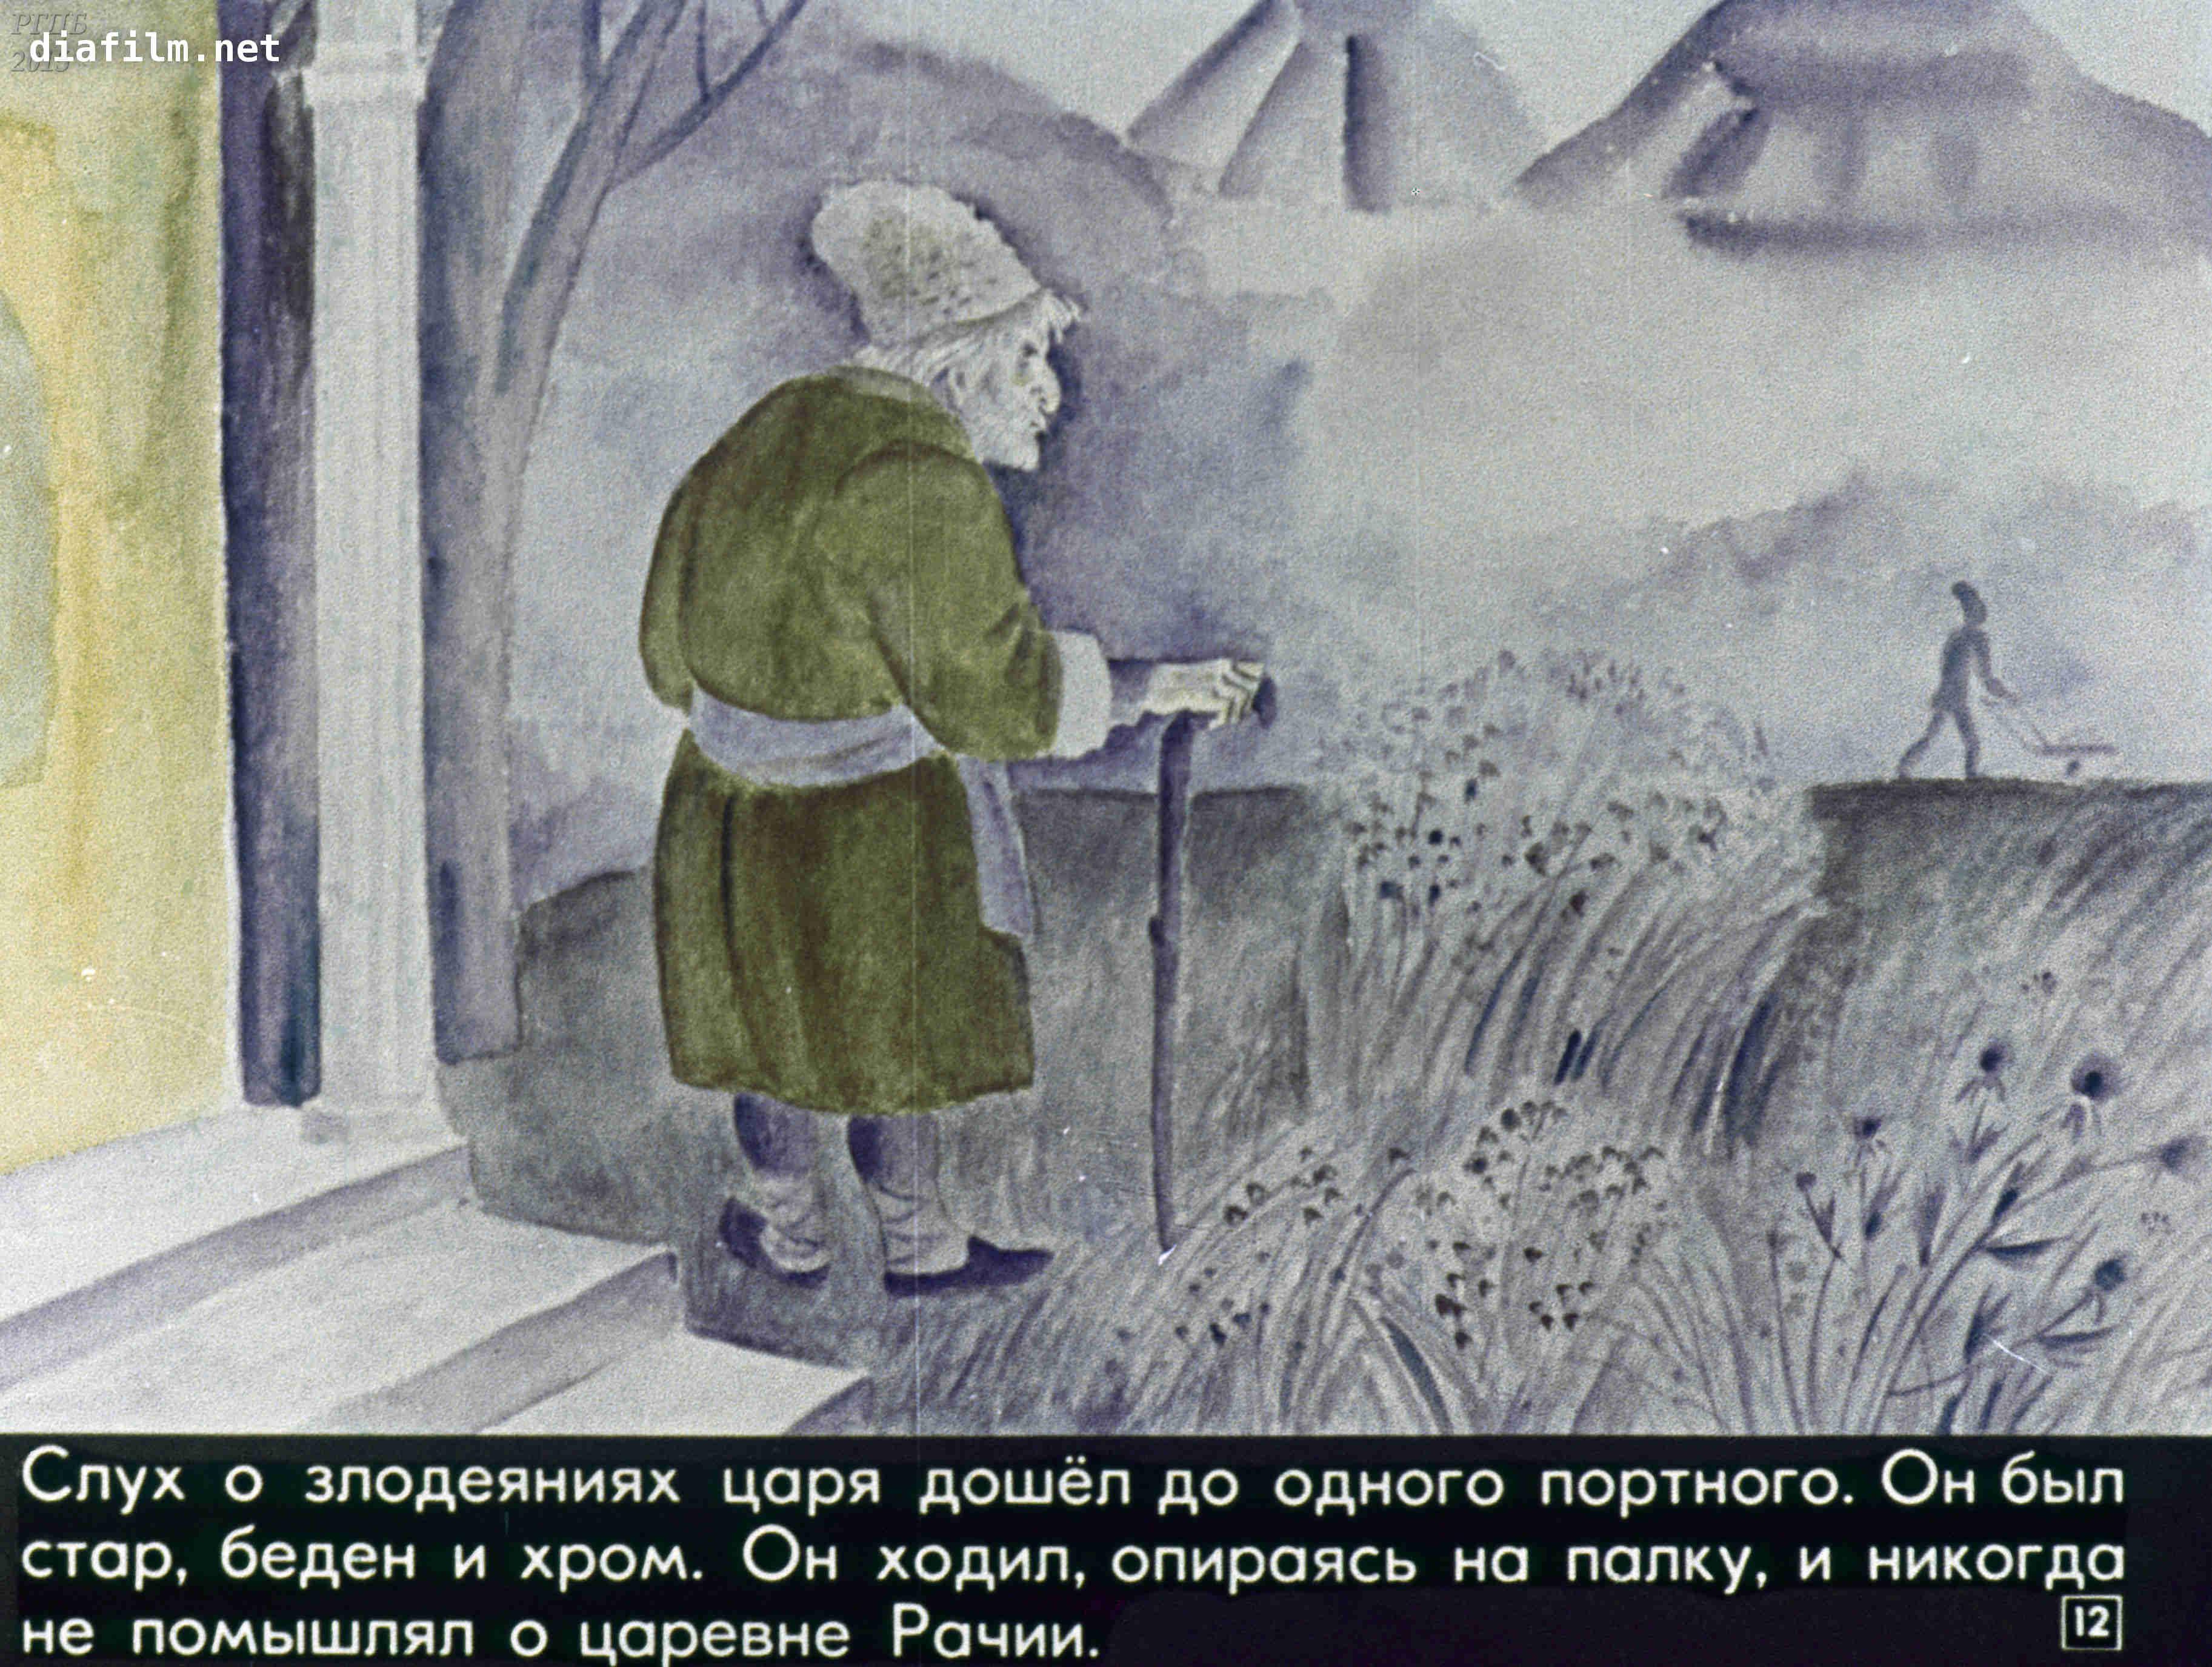 армянская сказка с картинками гражданка так уже